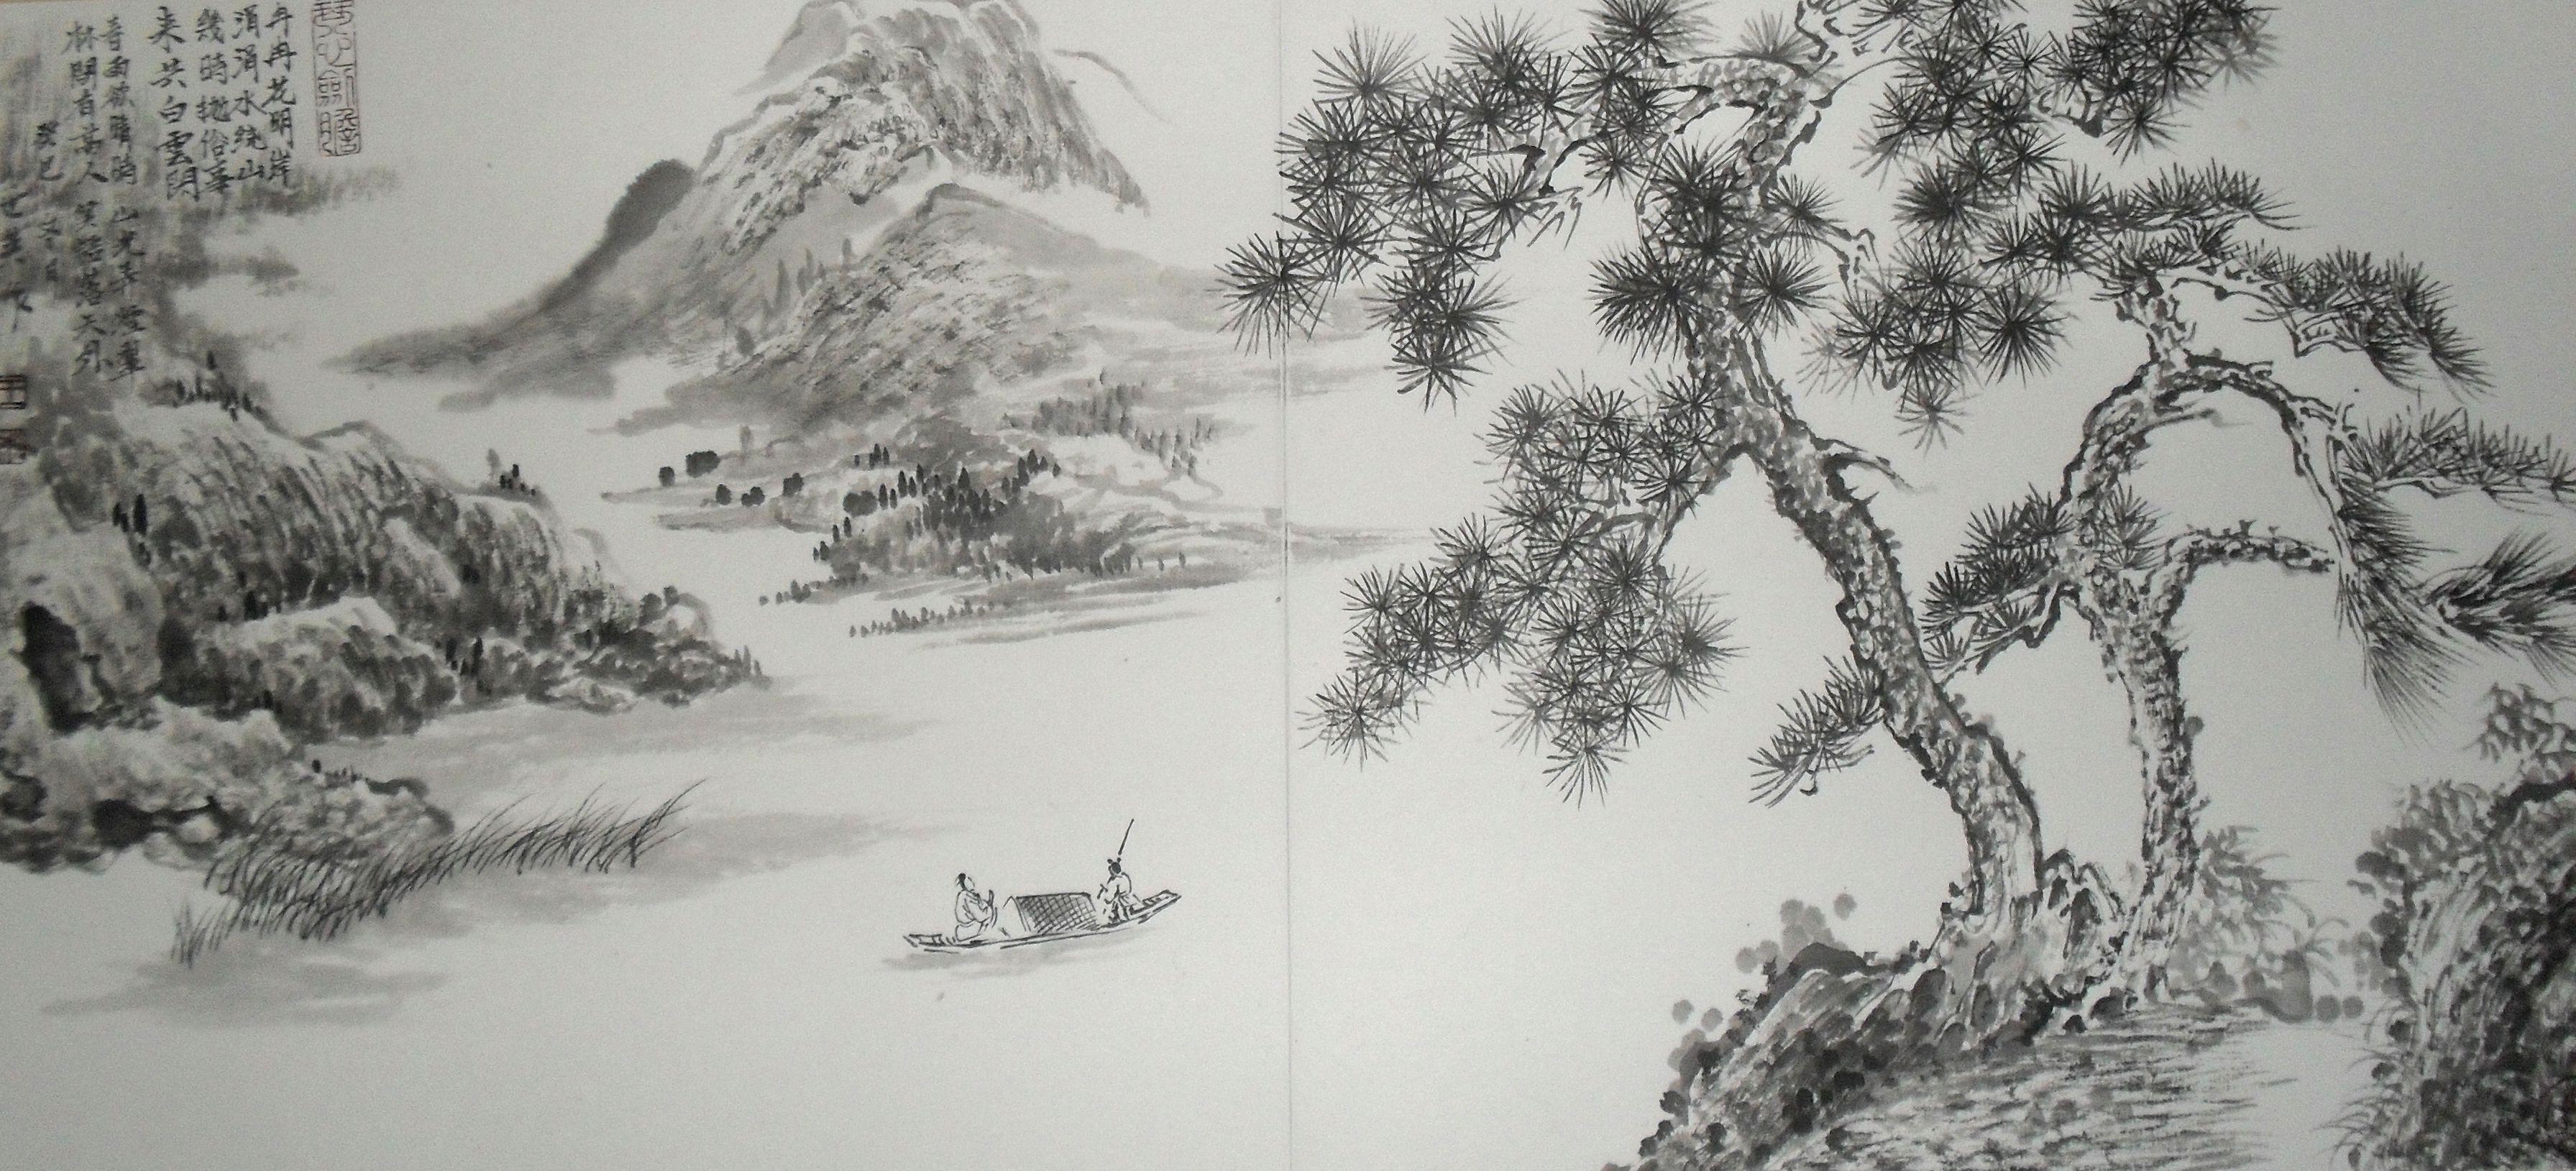 山水画家王世英国画